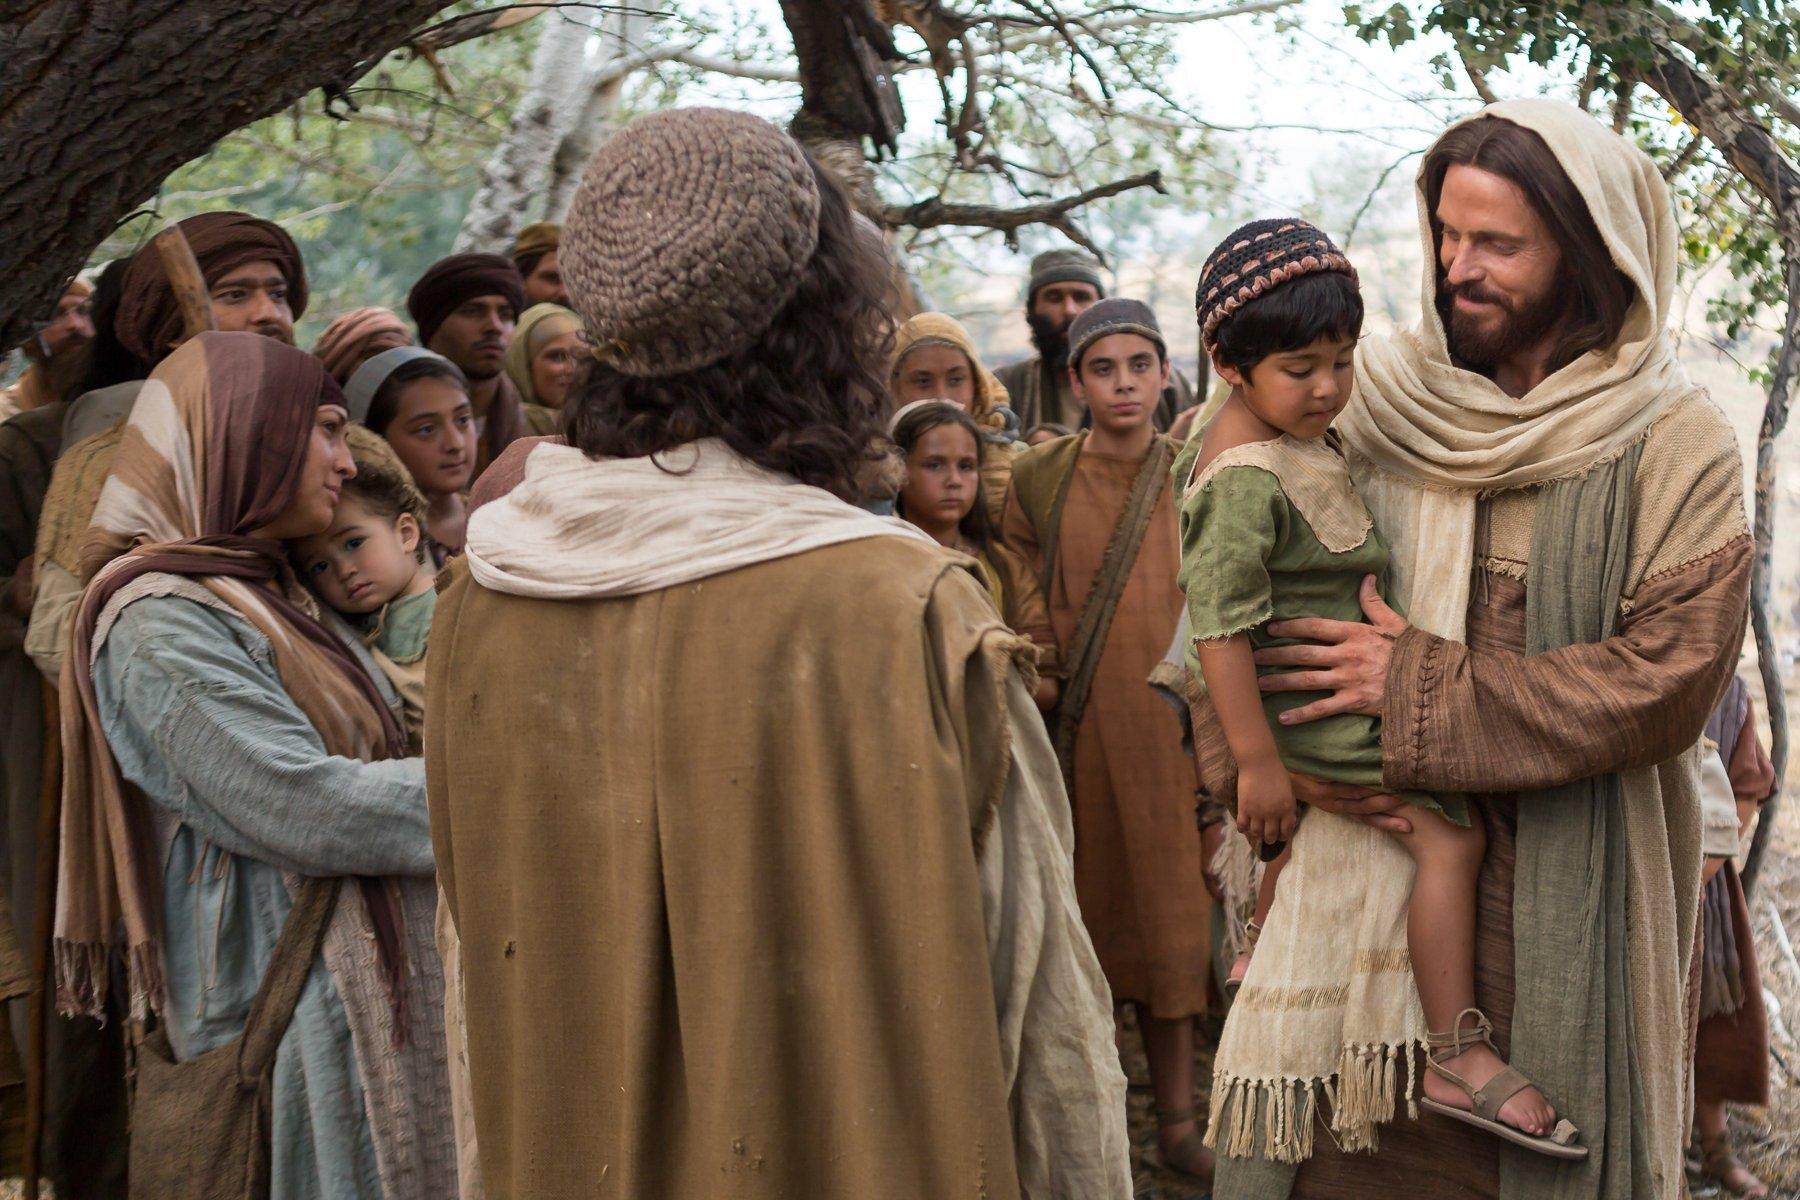 jesus-suffers-the-little-children-to-come-unto-him.jpg